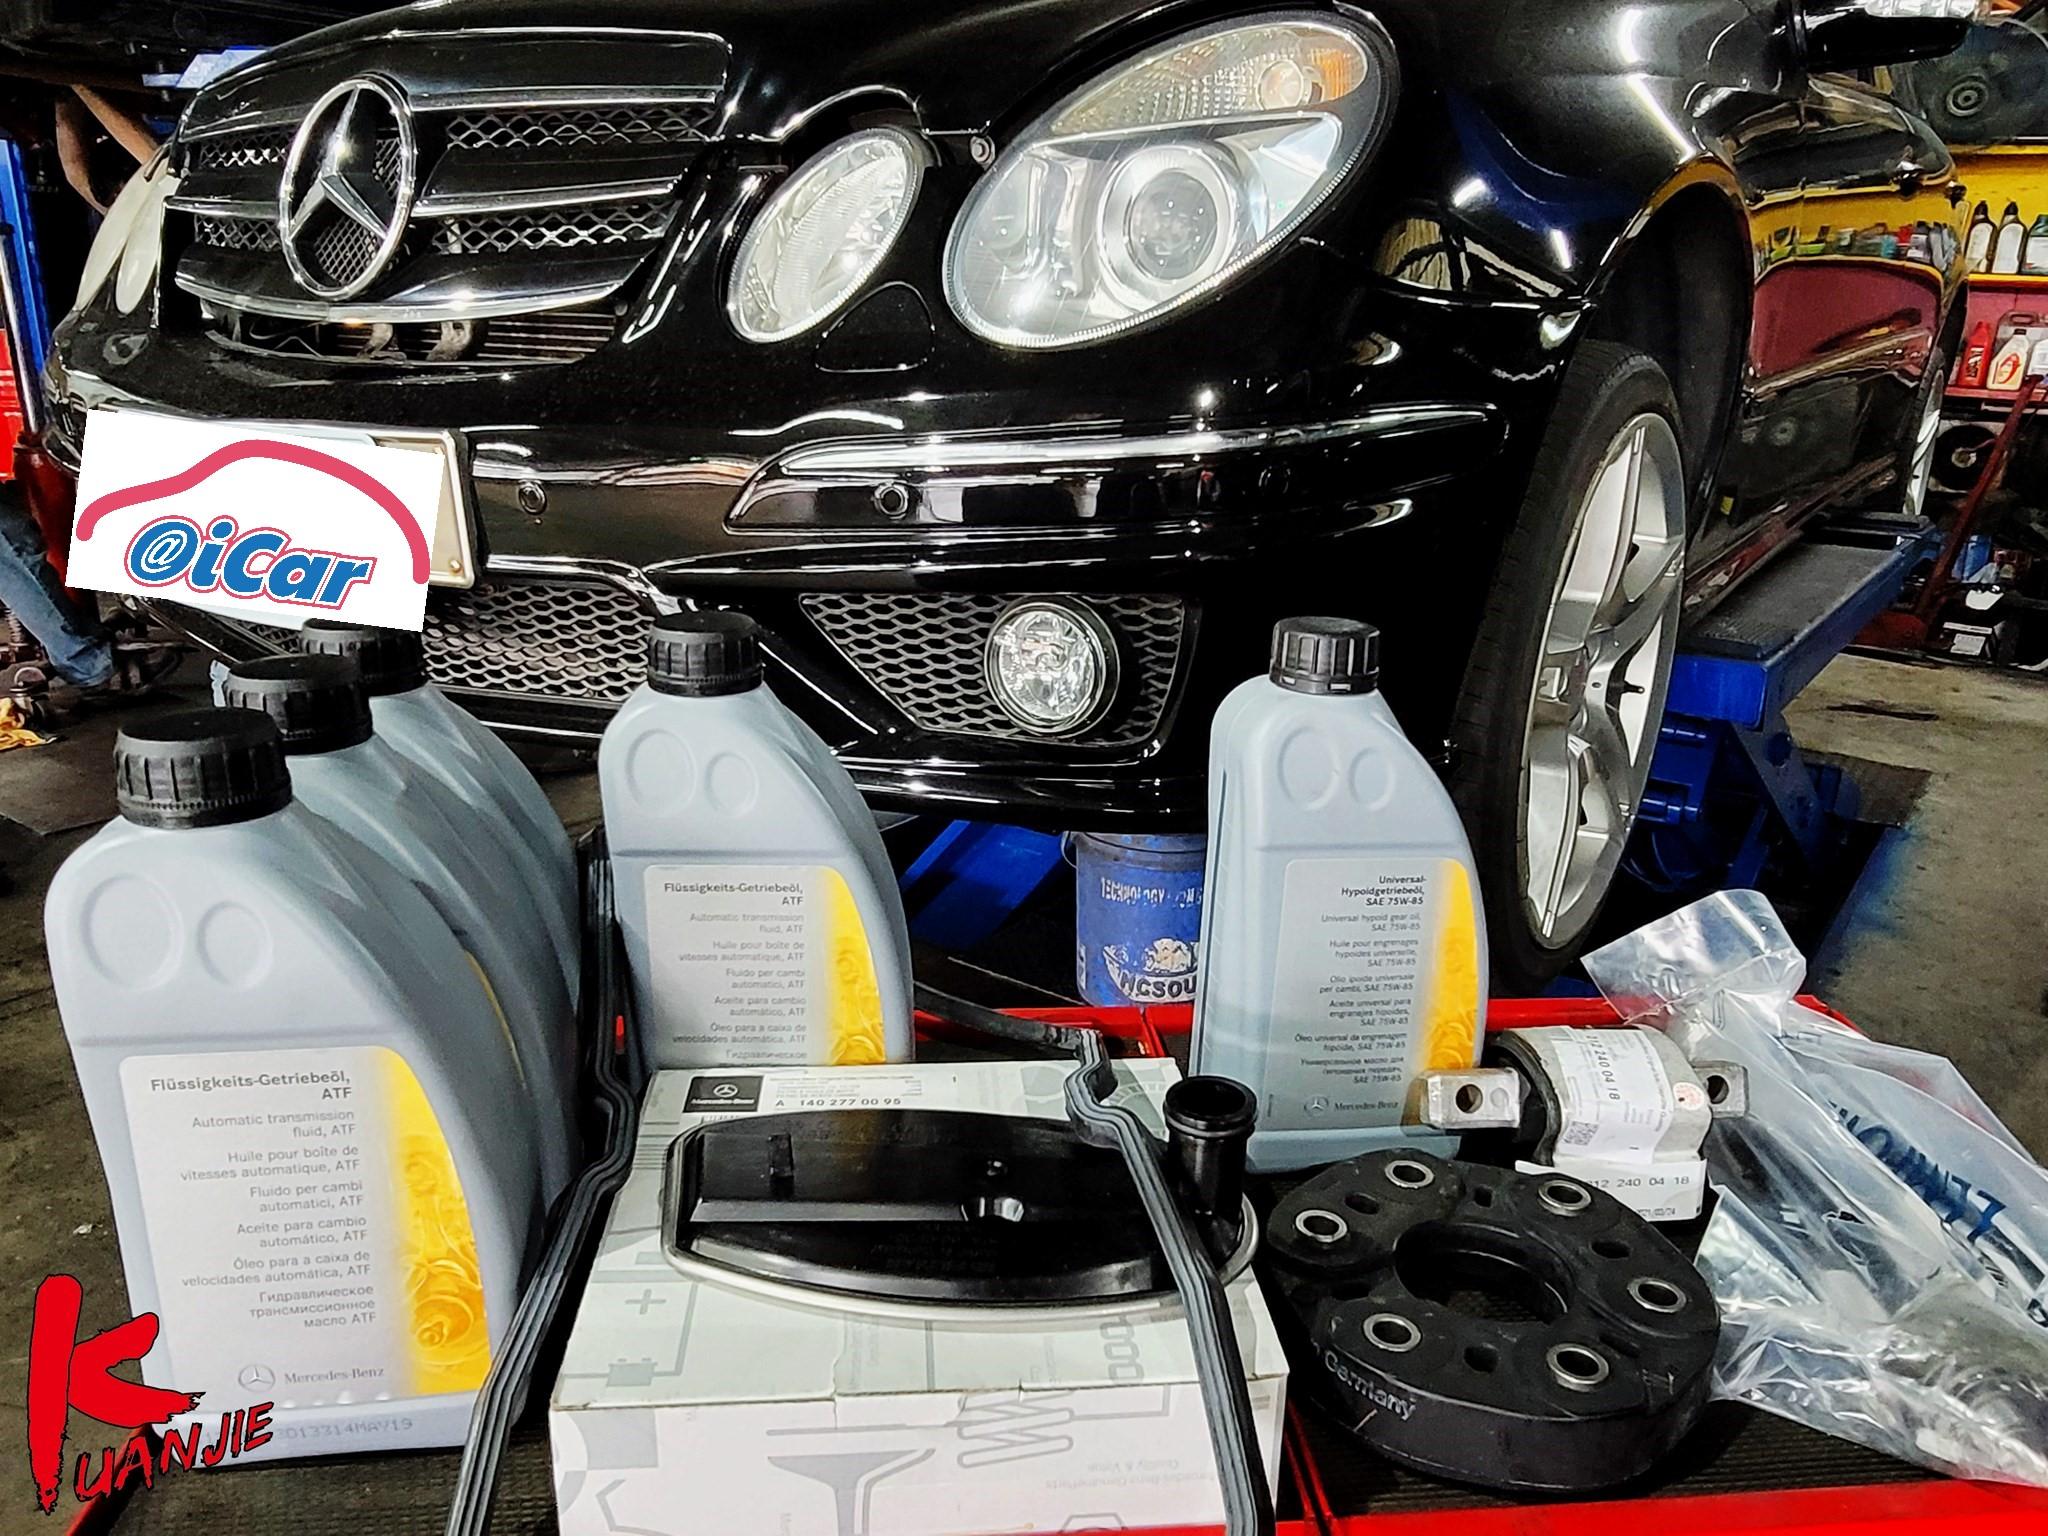 【冠傑汽車】賓士/BENZ W211 E500/變速箱換檔頓挫感#底盤抖動問題#原廠變速箱油網#六腳橡皮#變速箱腳#差速器油#OiCar新北市三重區推薦汽車保養維修線上預約保障服務